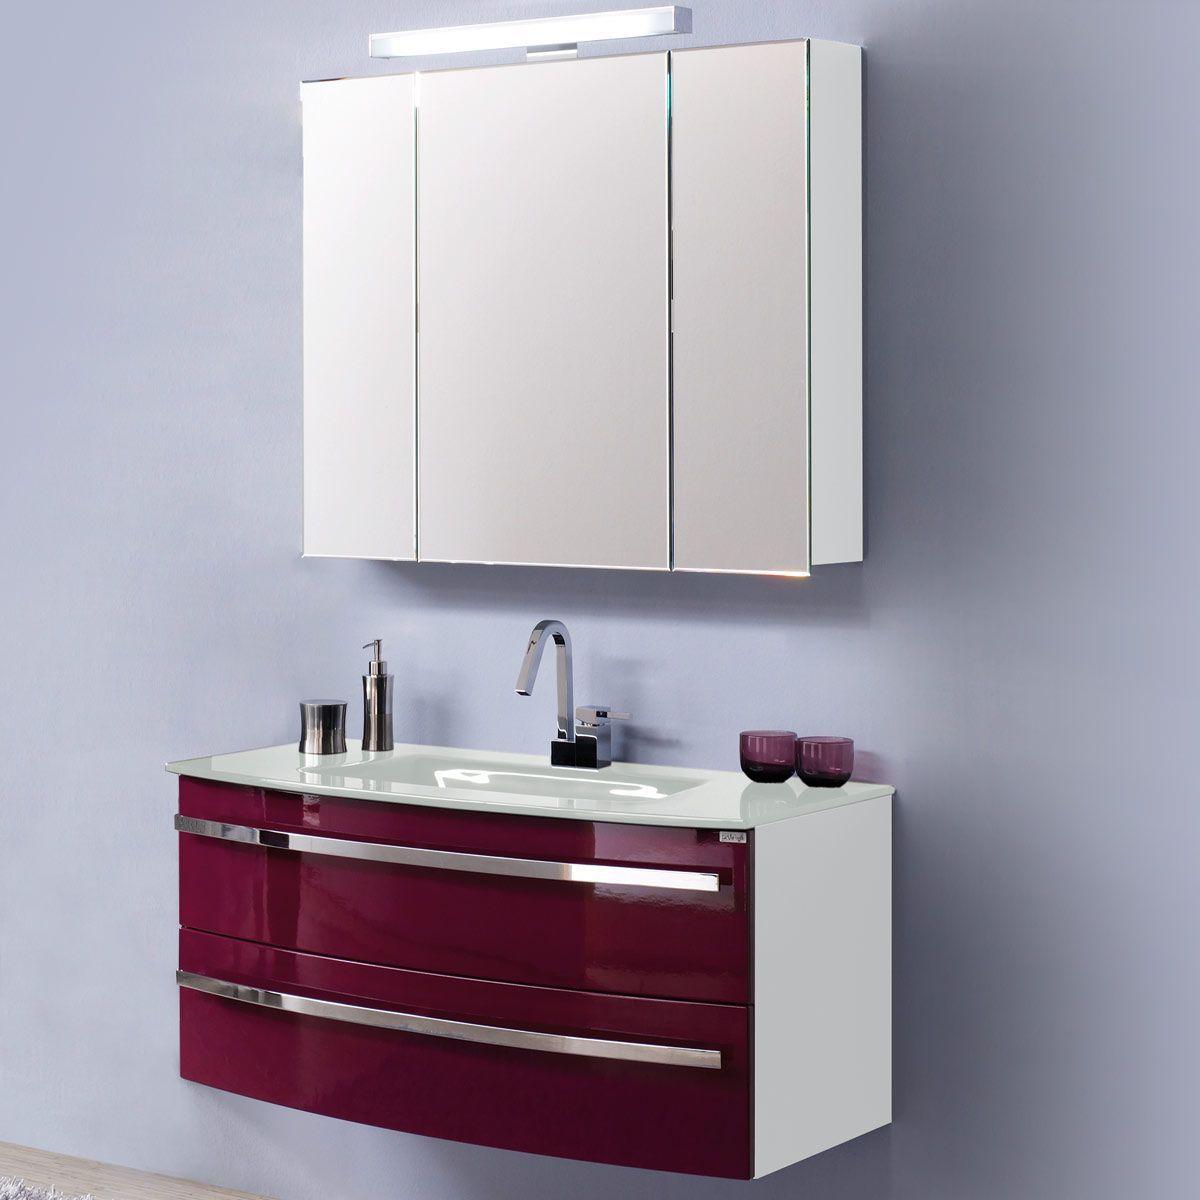 Cool EEK A Waschplatz Kingston Wei Hochglanz Brombeer Aqua Suite Jetzt bestellen unter